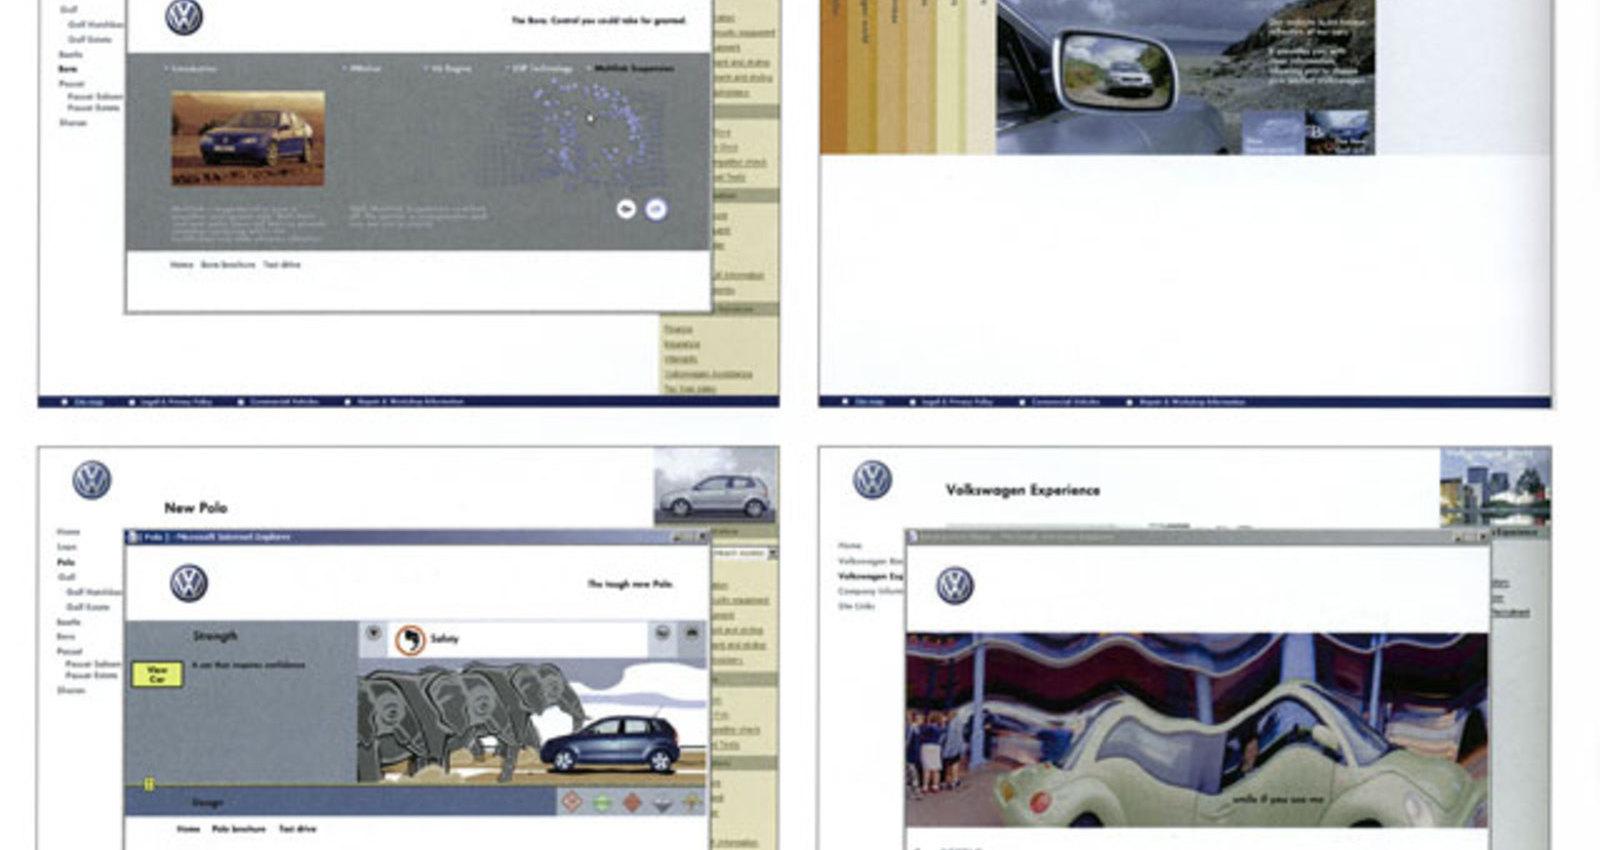 Volkswagen UK Site